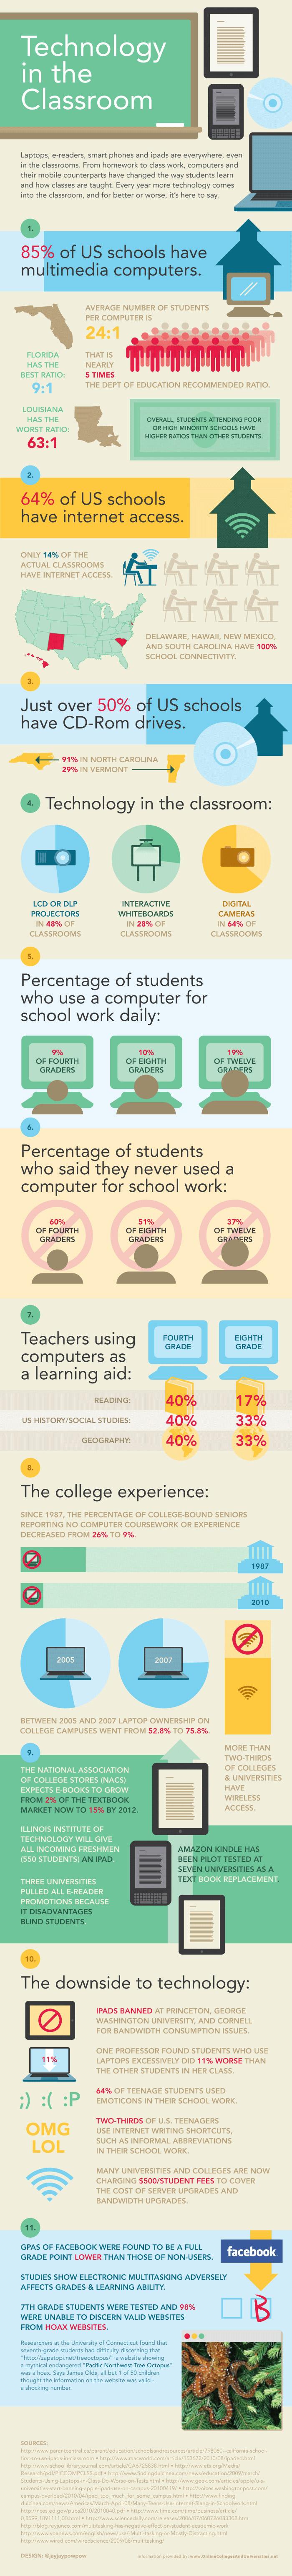 L'informatique dans les écoles